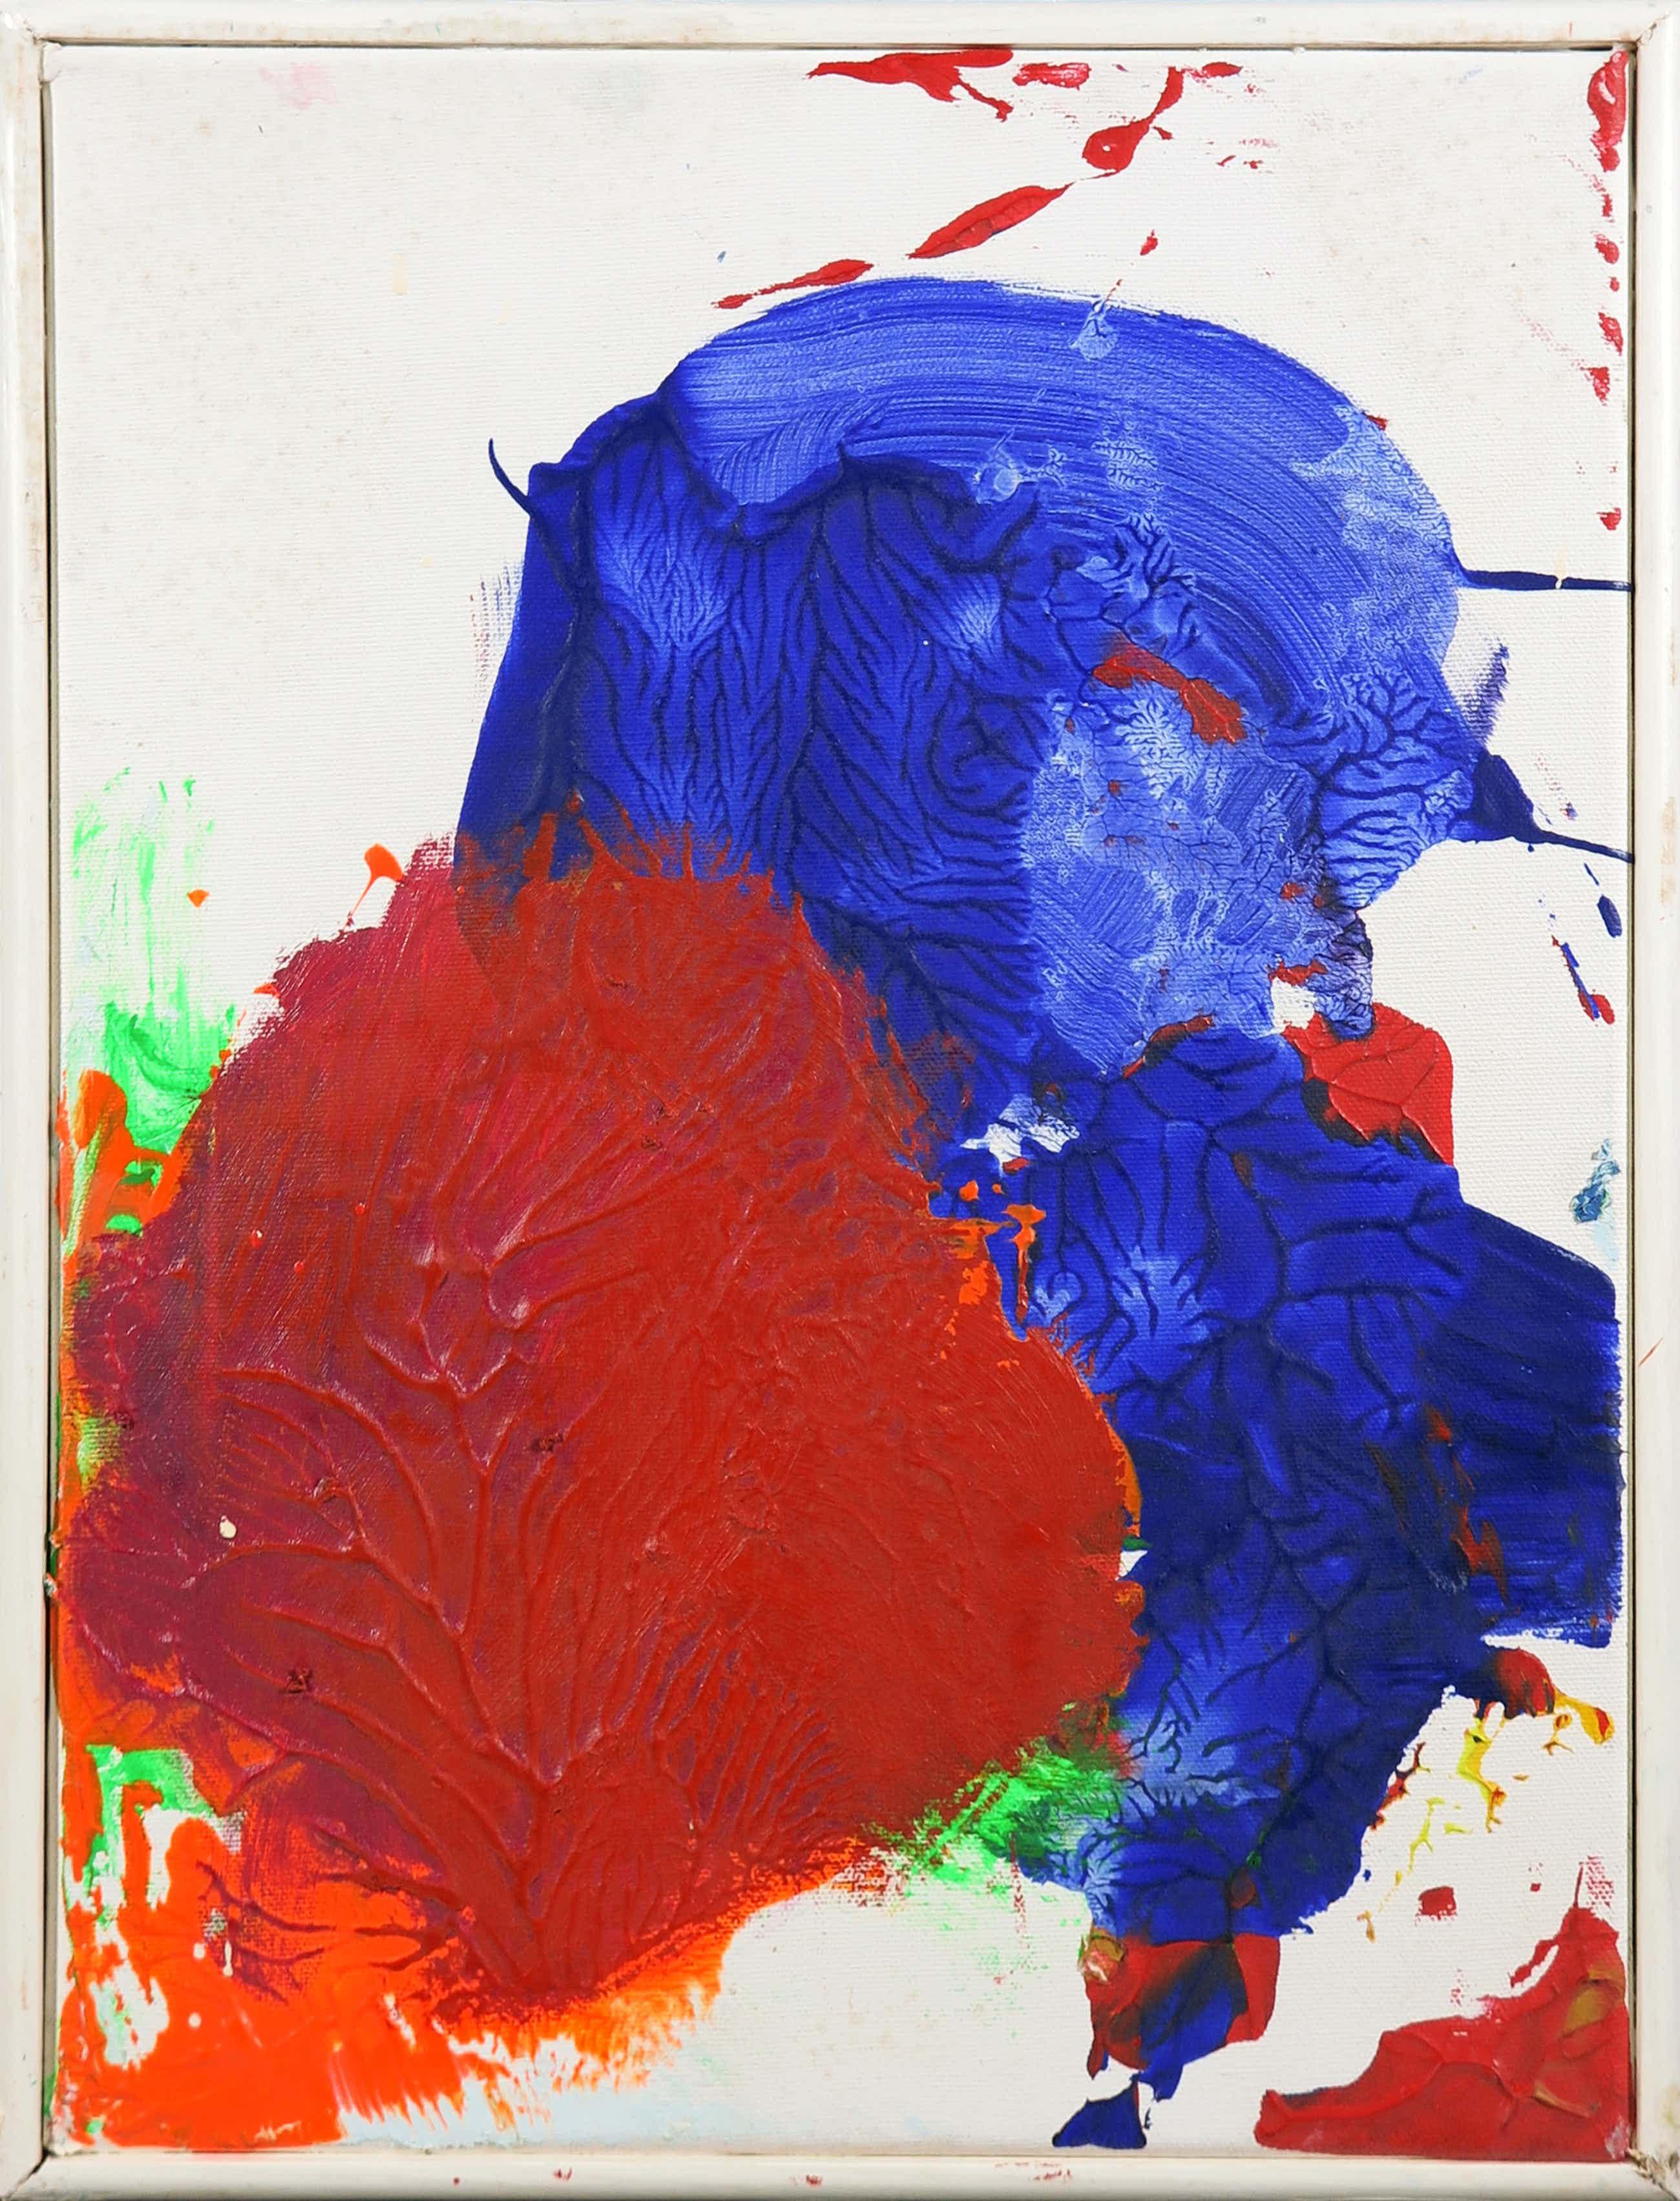 Arlaque de Clerque - Olieverf op doek, Z.T. Abstracte compositie kopen? Bied vanaf 60!